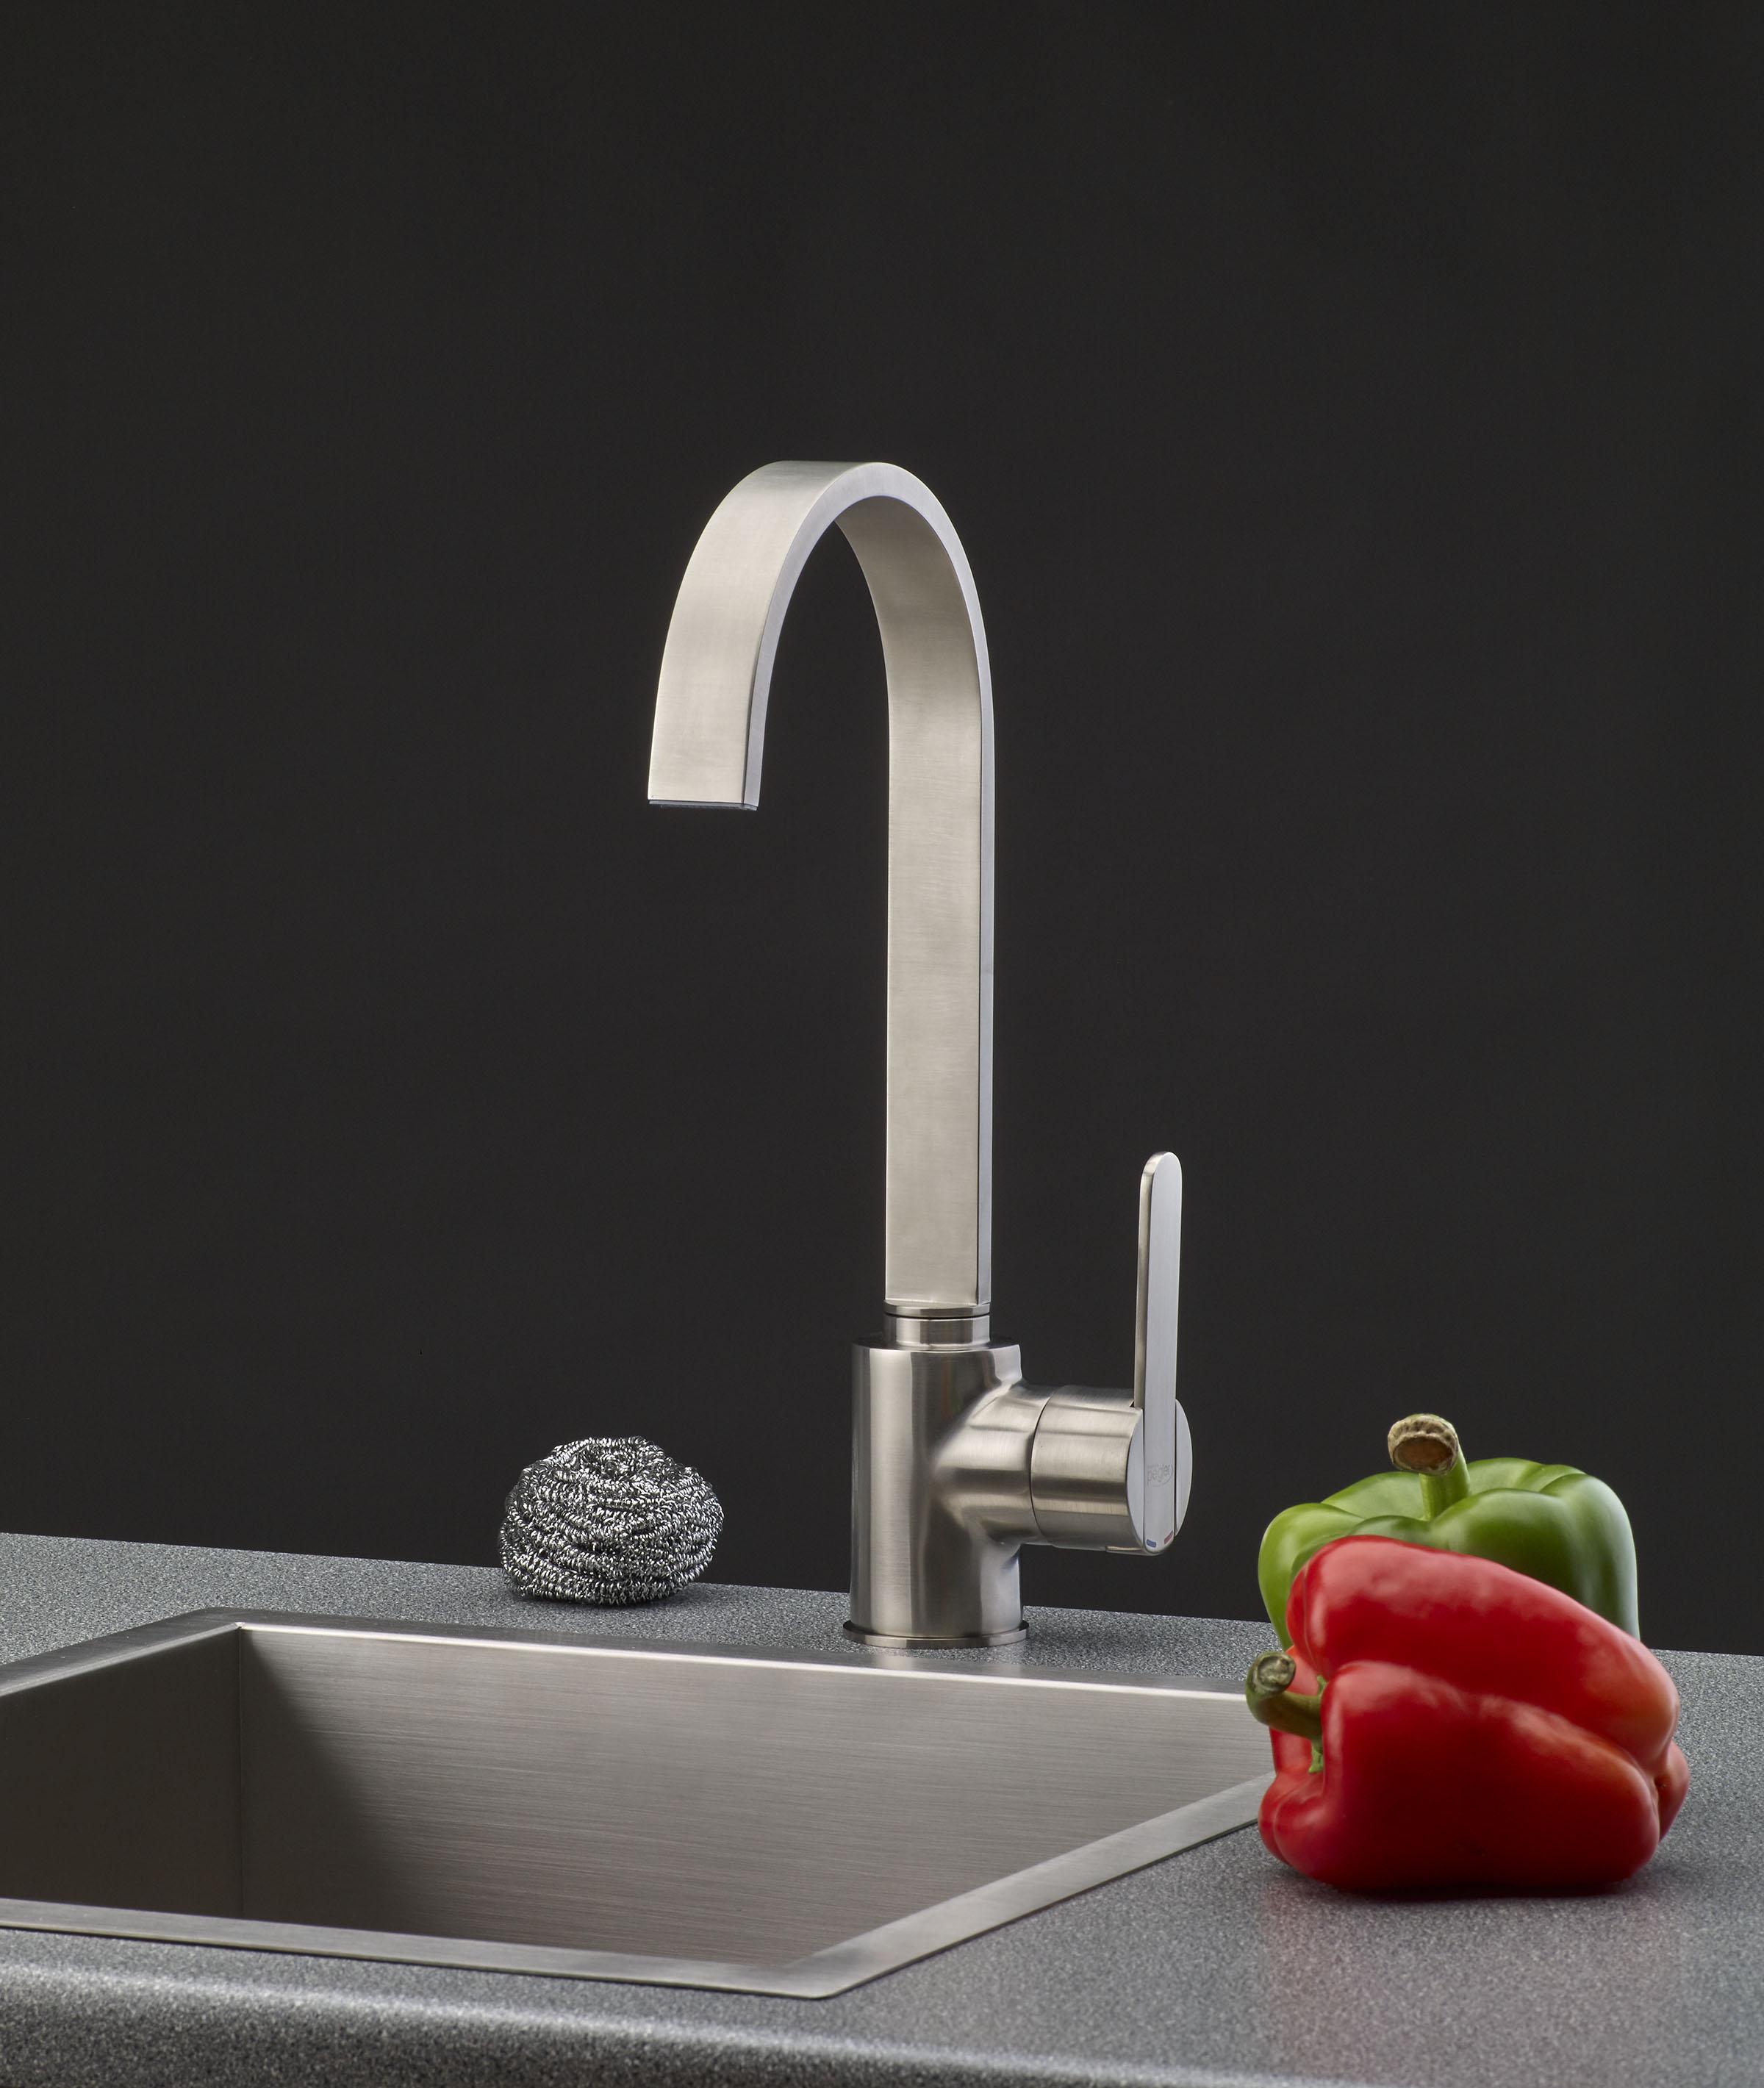 4k6065-strata-sink-mixer-brushed-nickel-finish